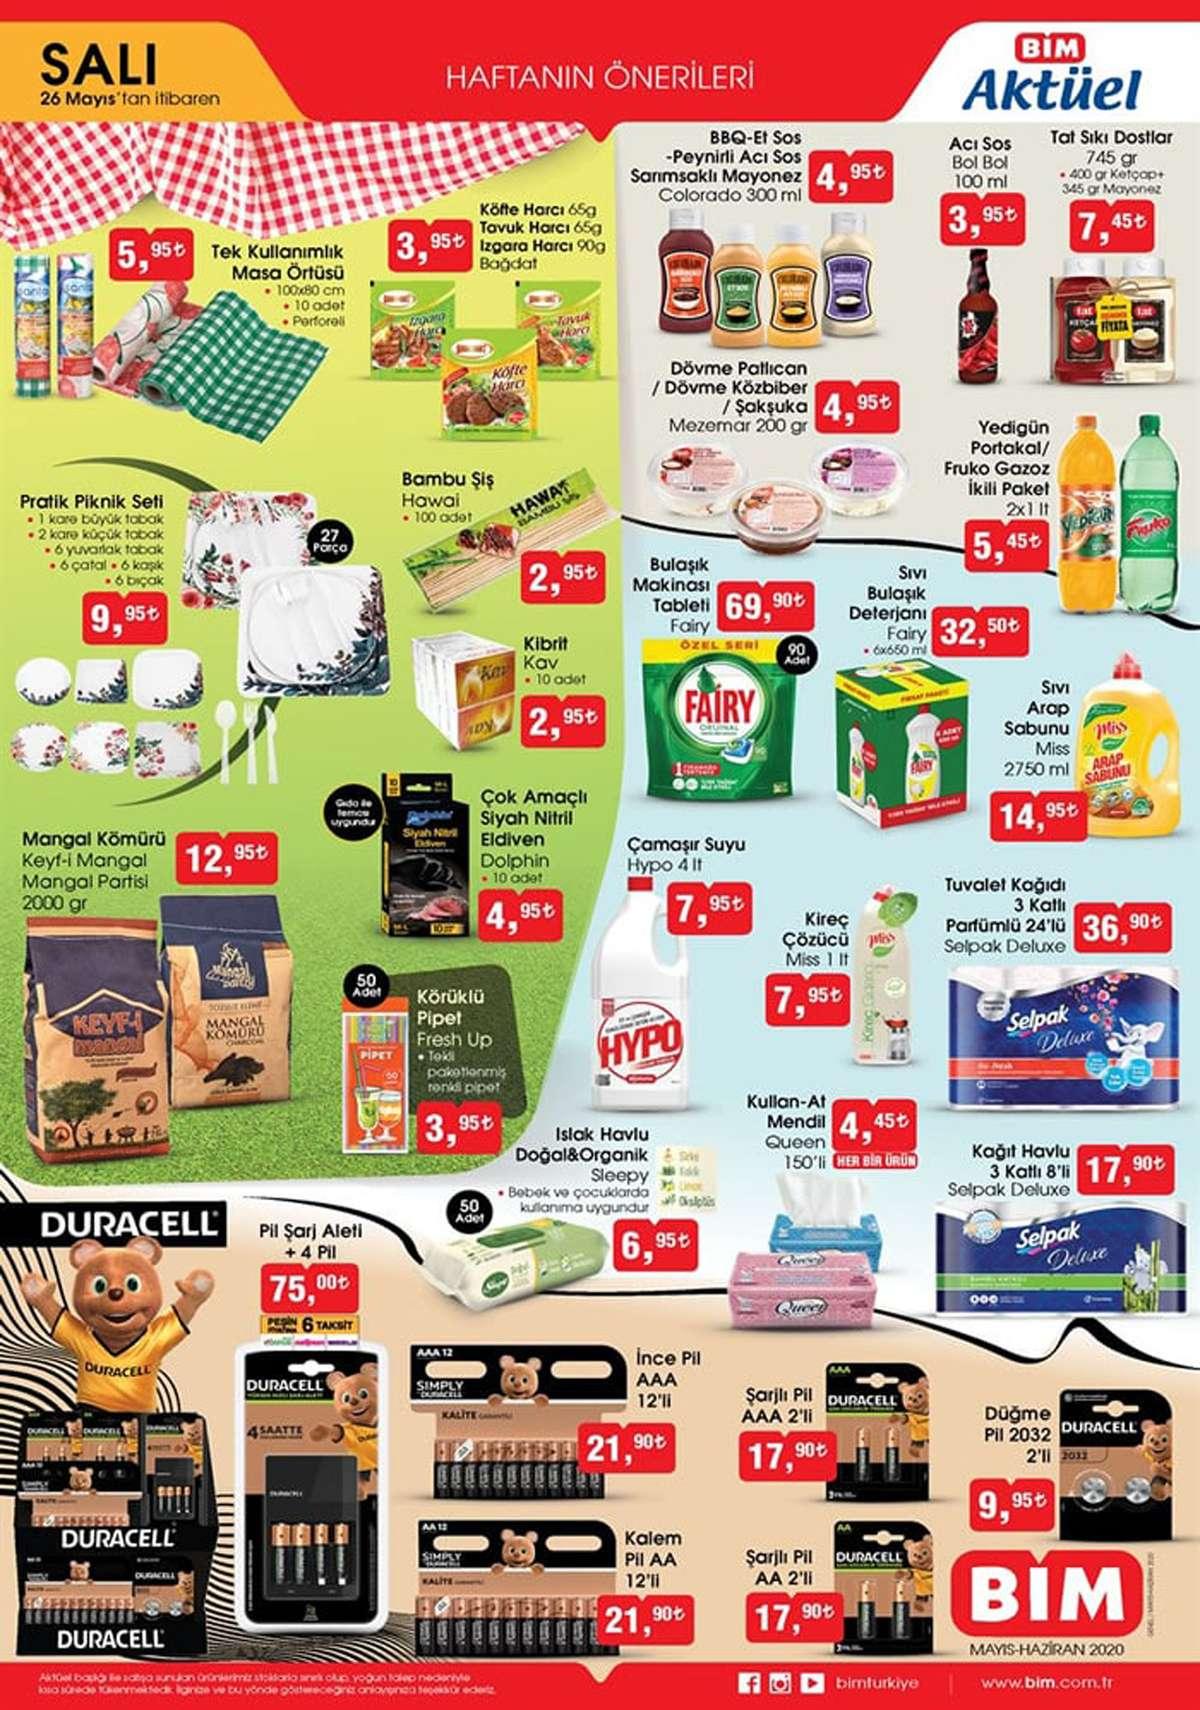 Bim Aktüel 20 Mayıs 2020 İndirimli Ürünler - 4.Sayfa